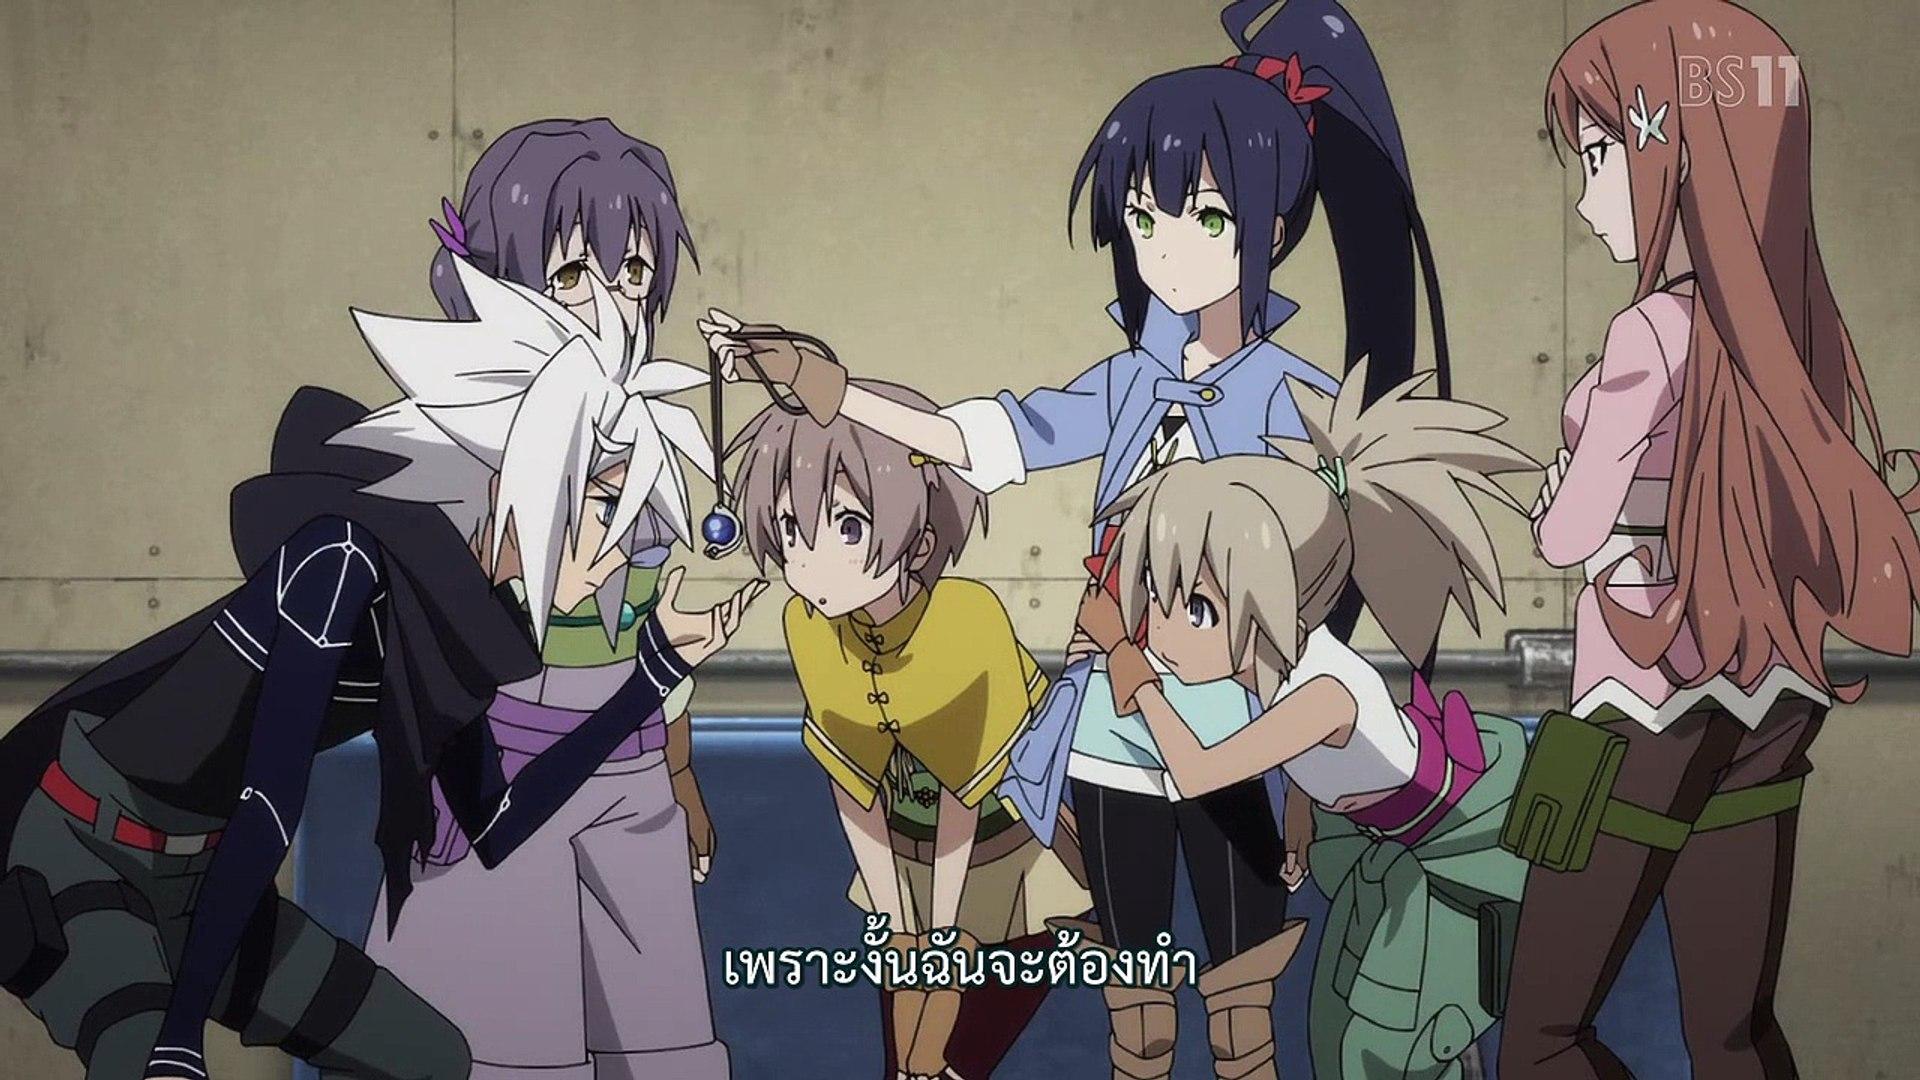 anime neppu kairiku bushi road sub indo